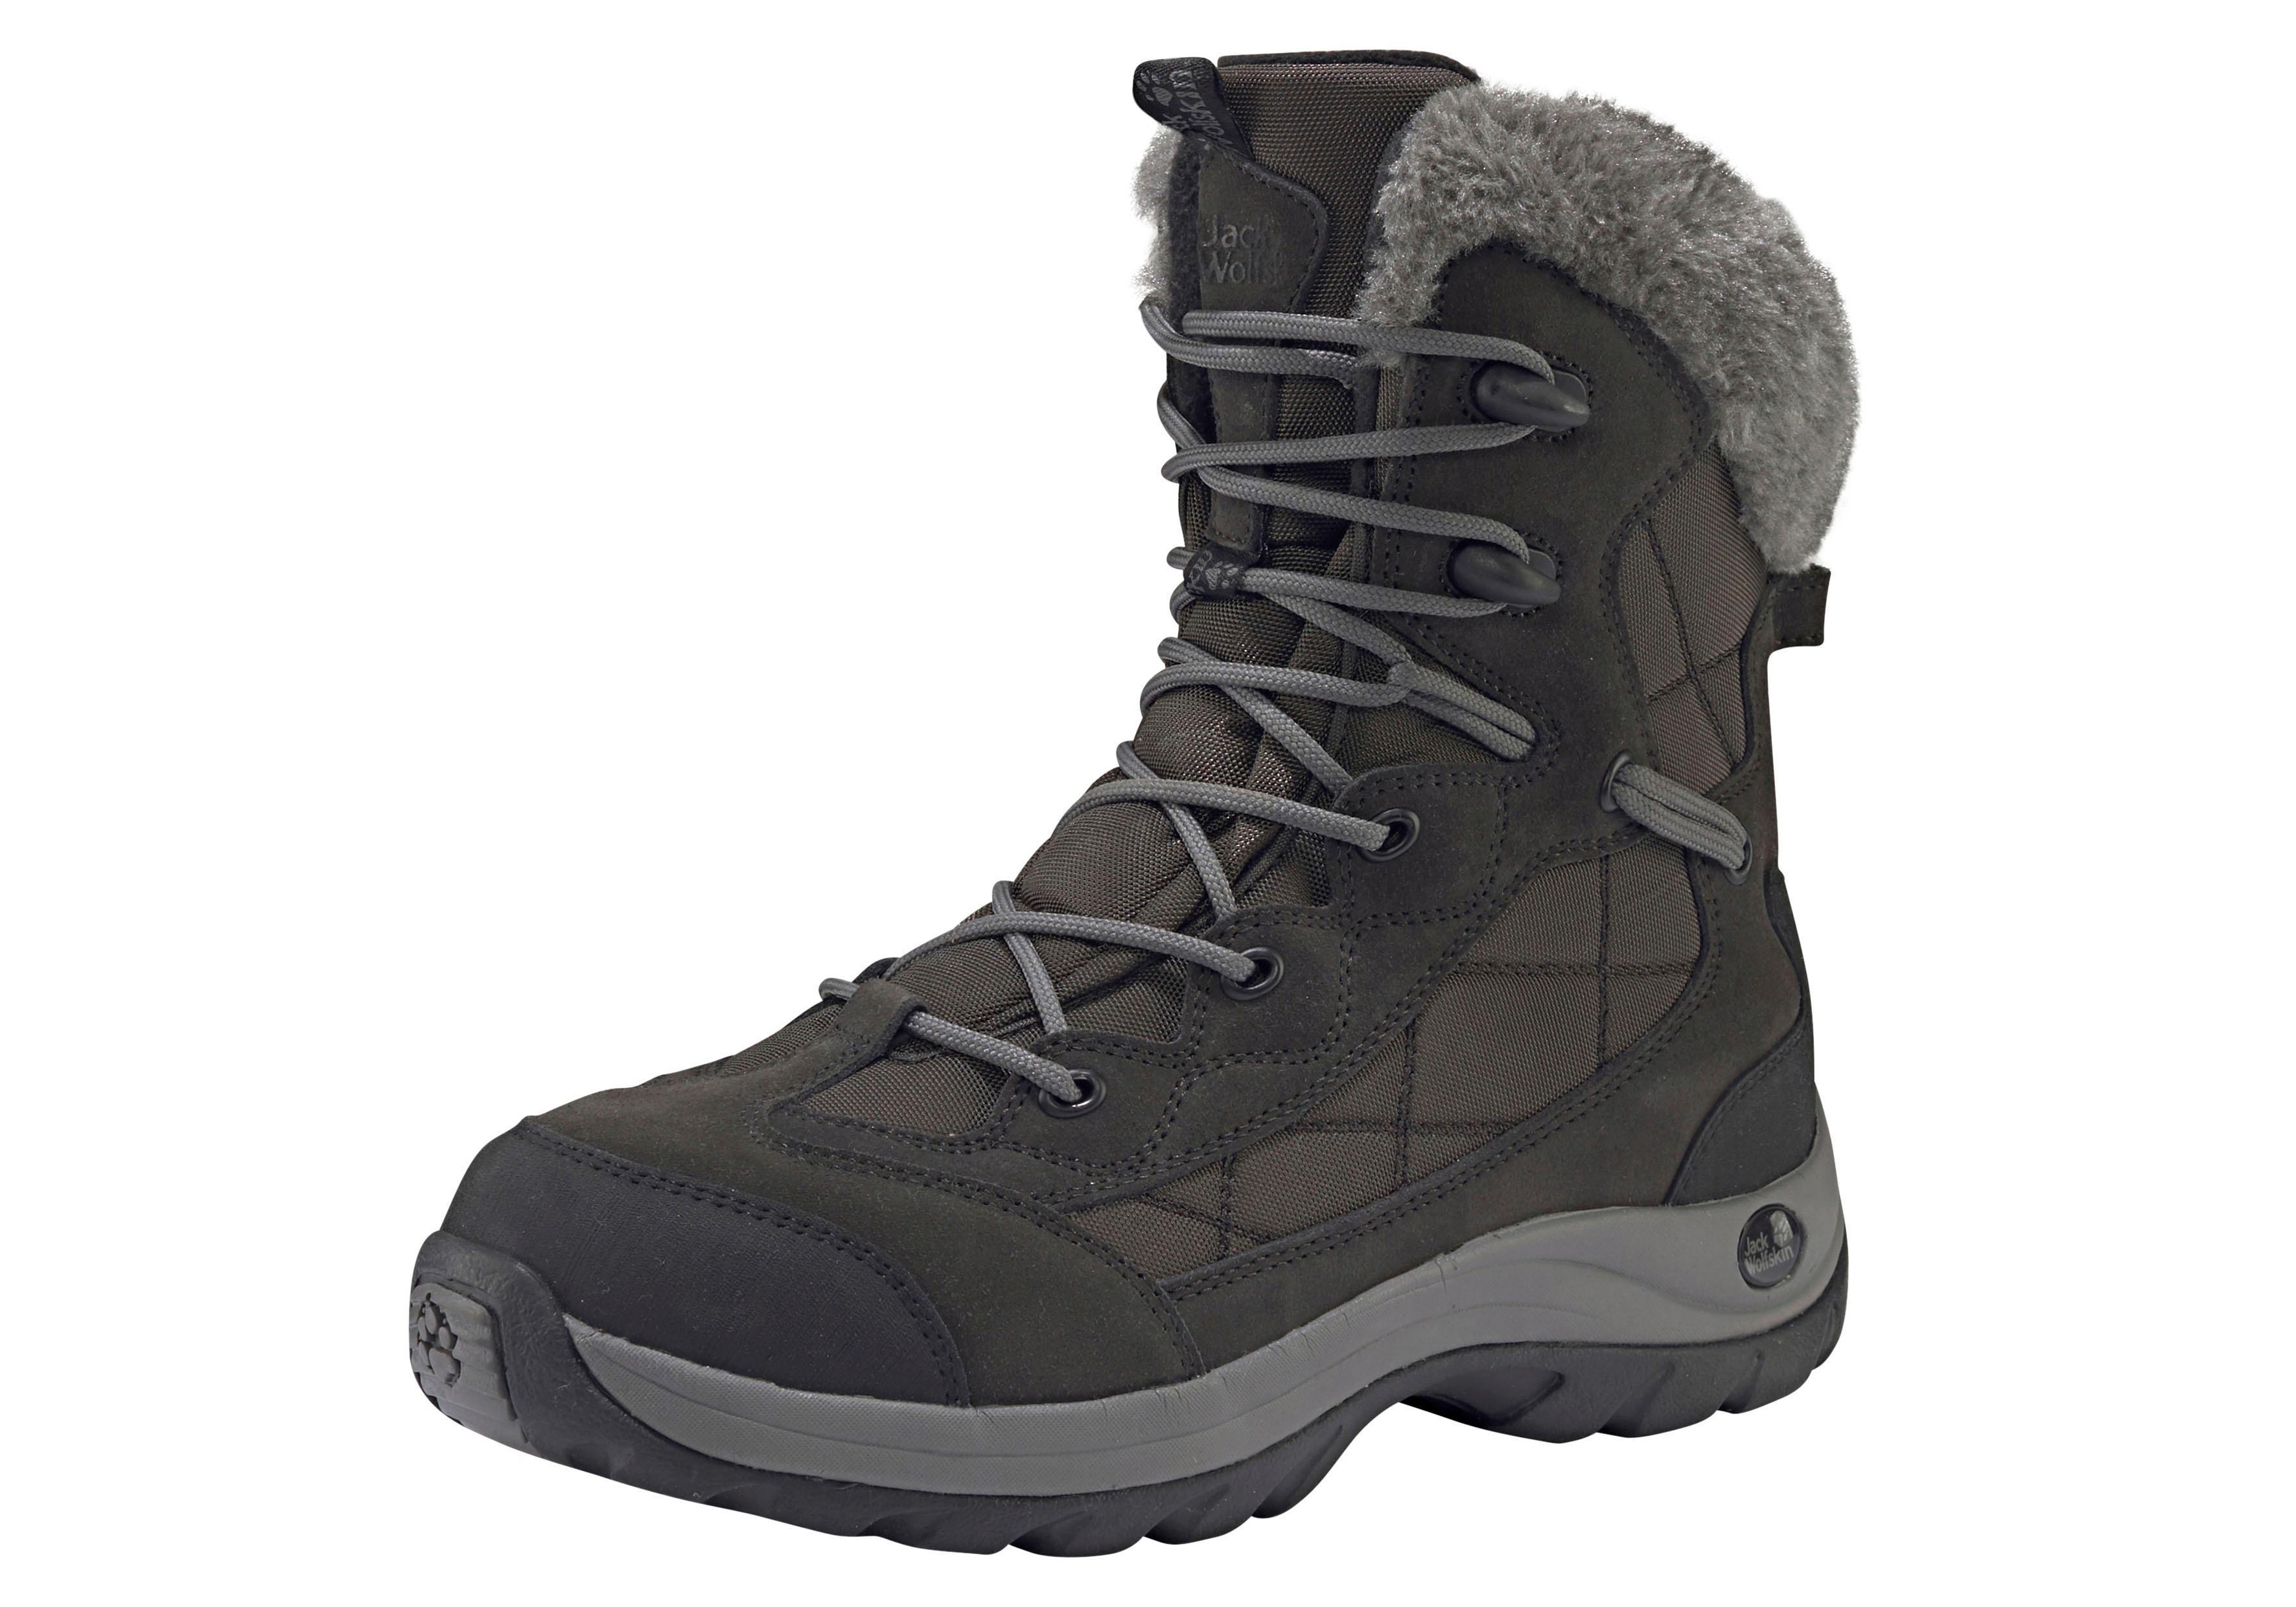 Jack Wolfskin Outdoorwinterstiefel Icy Park Texapore Women   Schuhe > Outdoorschuhe > Outdoorwinterstiefel   Grau   Jack Wolfskin